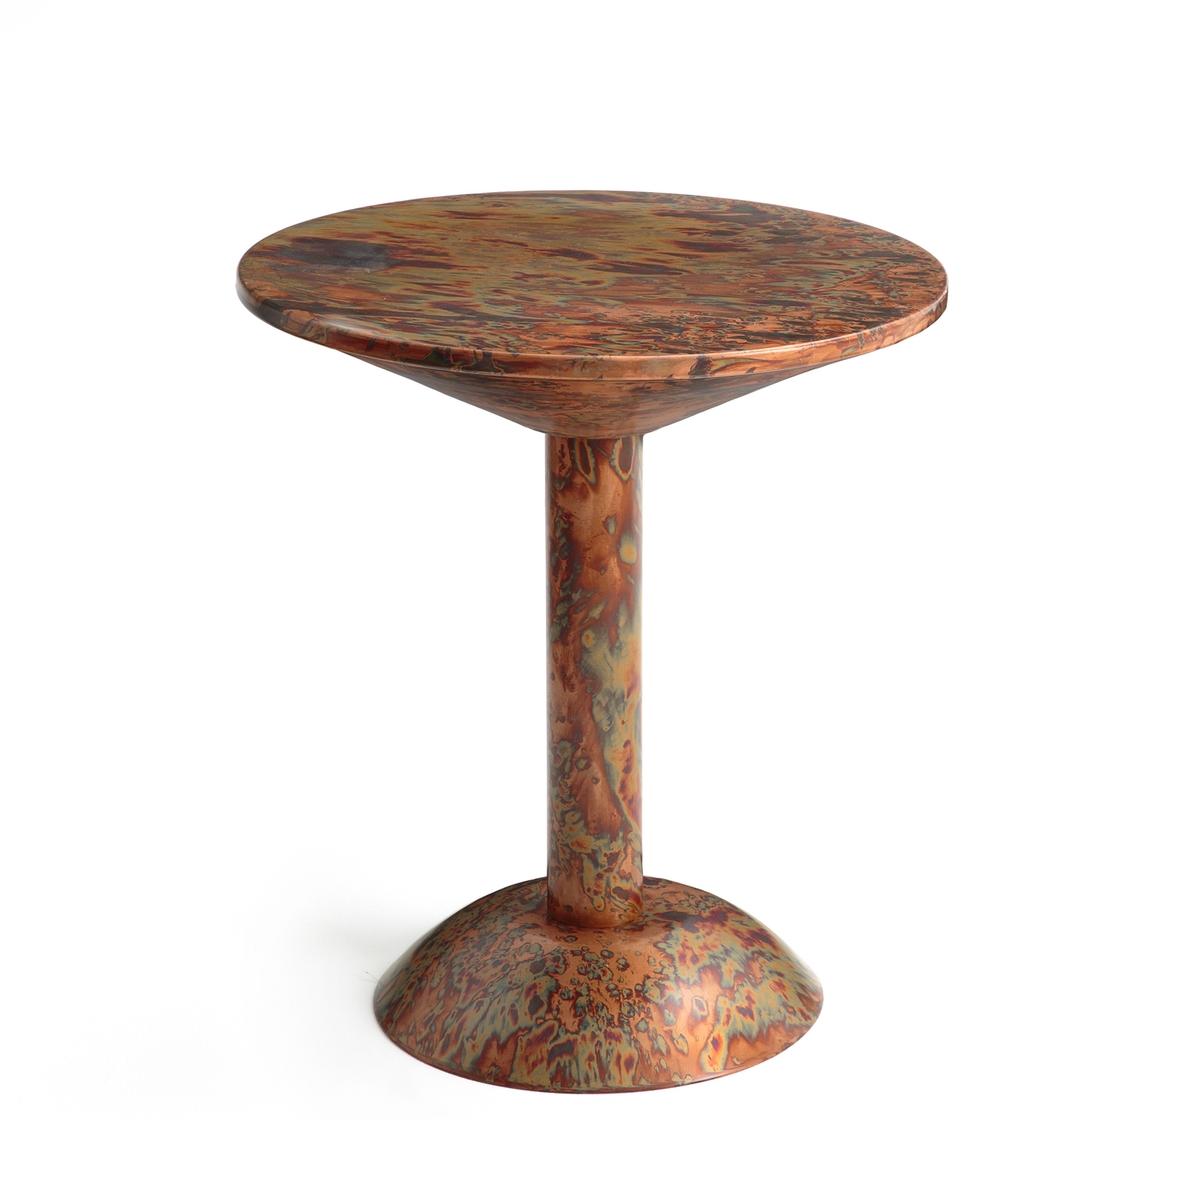 Столик журнальный с эффектом окисленной меди Dorim?neЖурнальный столик Dorim?ne. Уникальный и оригинальный столик в форме перевернутого винного бокала с эффектом окисленной меди! Каждое изделие уникально  .Описание : -  Из железа с эффектом окисленной медиРазмеры : - ?45 x В50 см<br><br>Цвет: Оксид меди